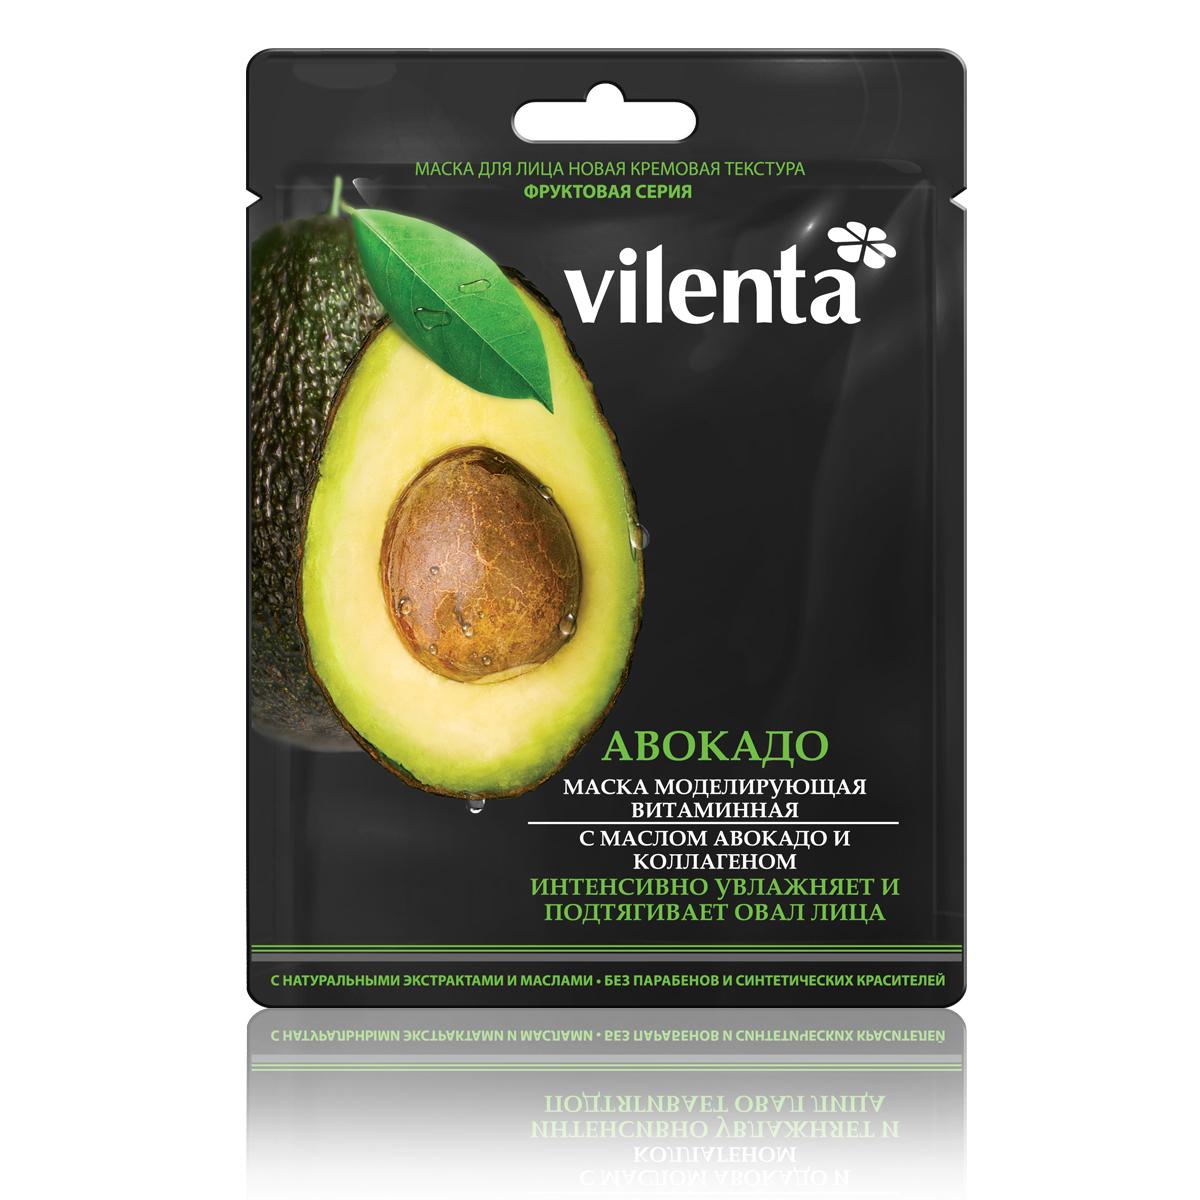 Vilenta Тканевая маска для лица c маслом авокадо и коллагеном, 28 мл vilenta маска для лица vitamin е с витаминами а е с маслами авокадо и арганы 28 мл